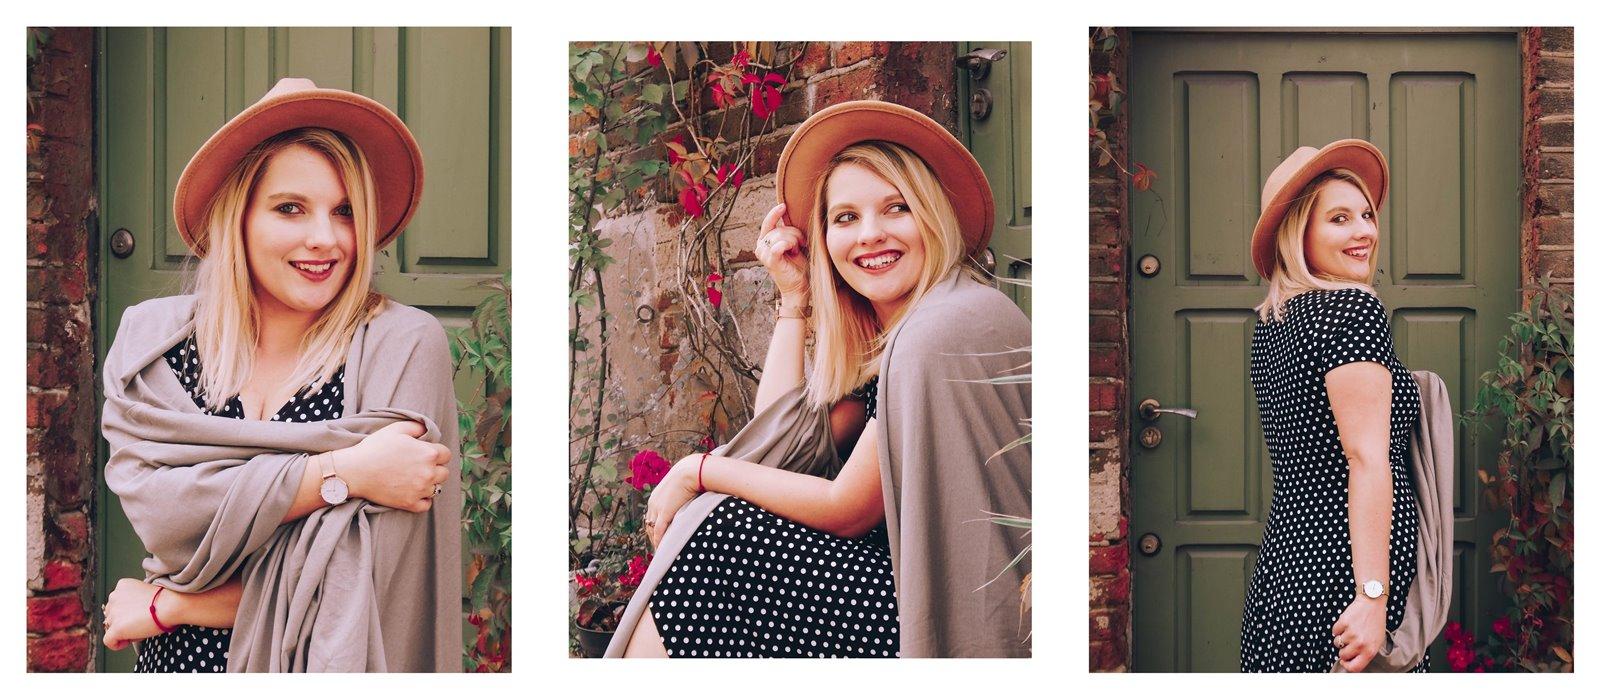 3a jak zdobyć popularność na instagramie oszustwa kłamstwa blogerów jak blogosfera kłamie reklamy na blogach facebooku stylizacja blog łódź melodylaniella bonprix sukienka kapelusz hot moda cado szal sukienka